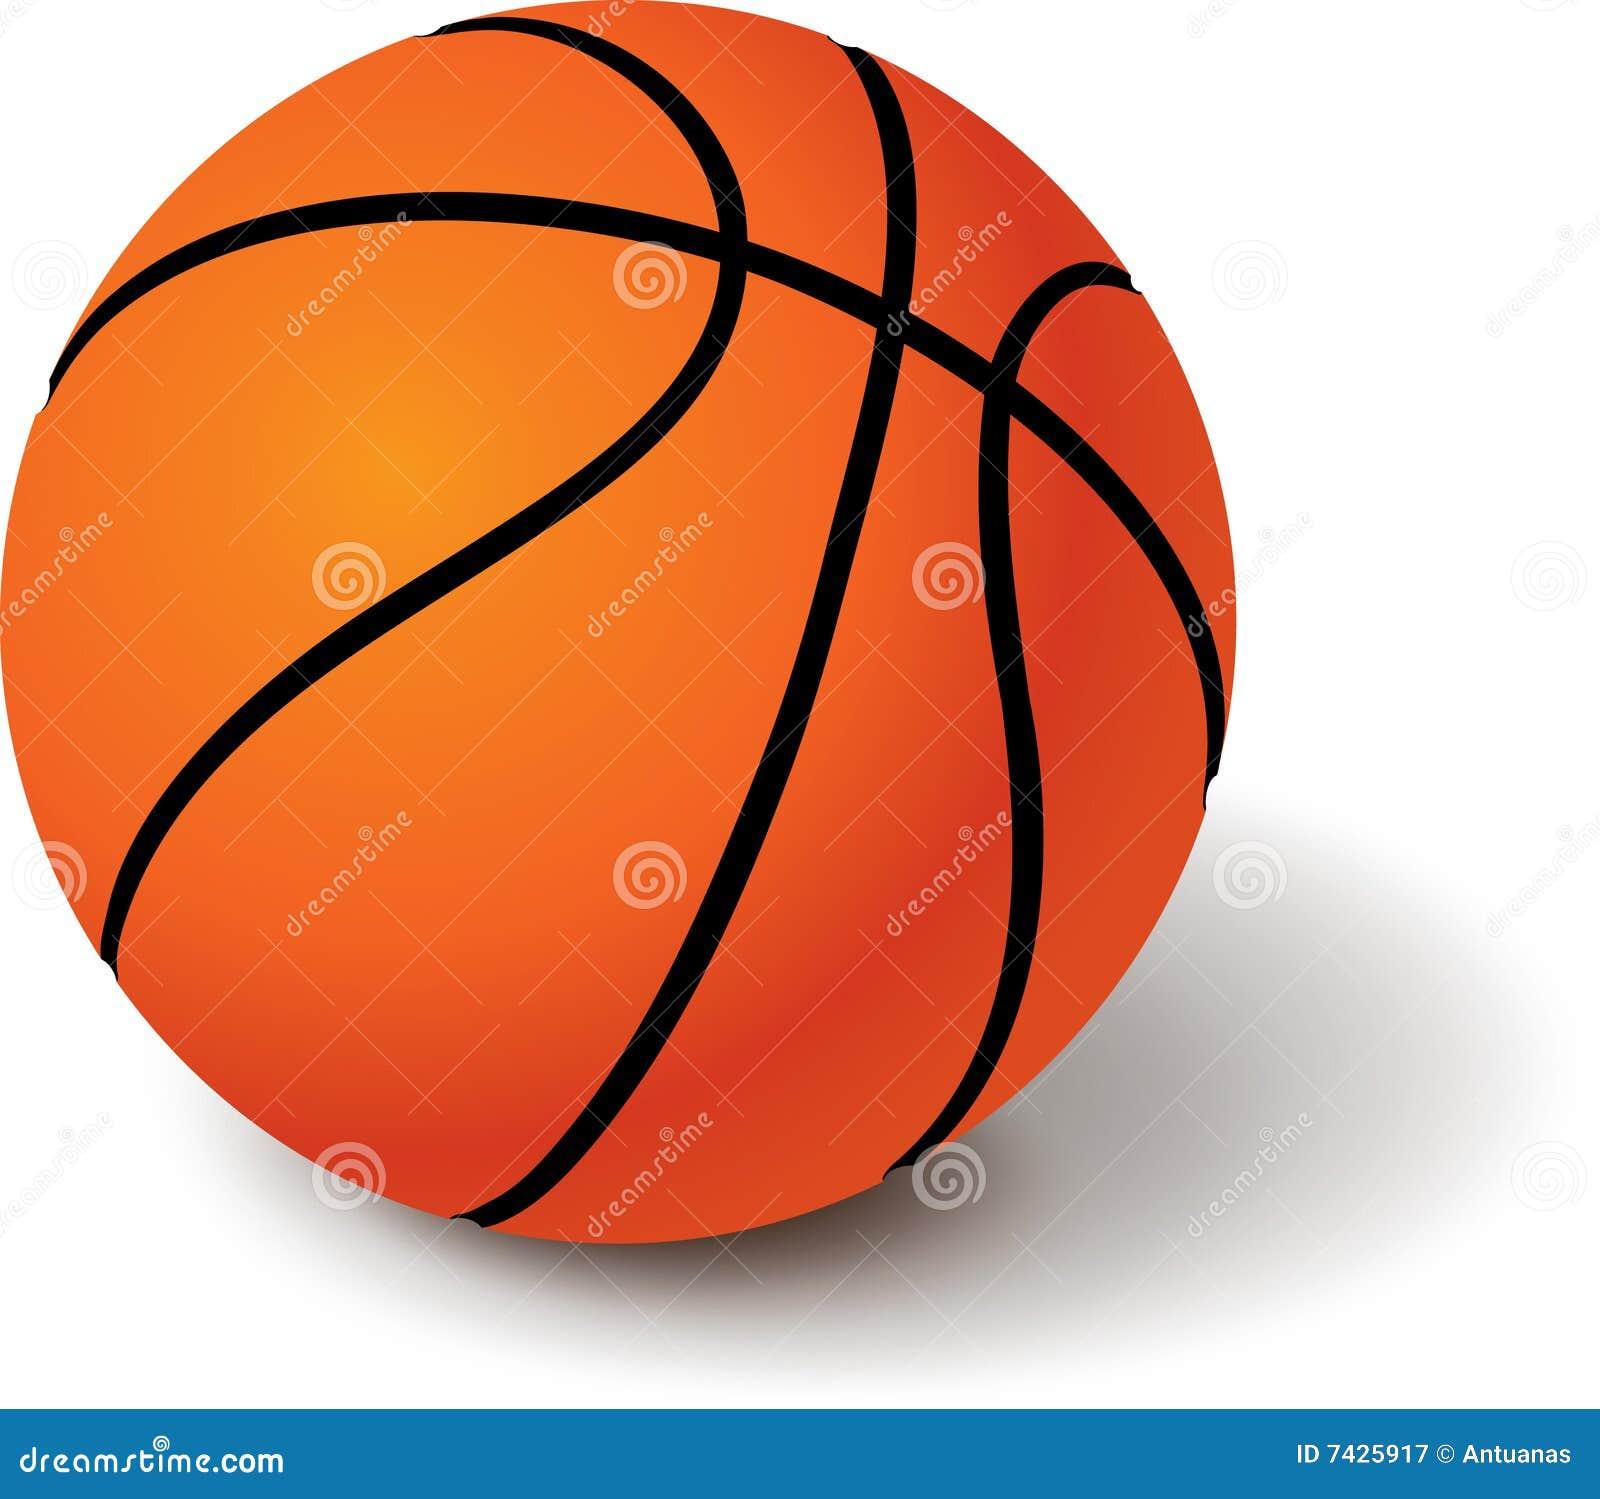 BASKETBALL - SPORT BALL 3d